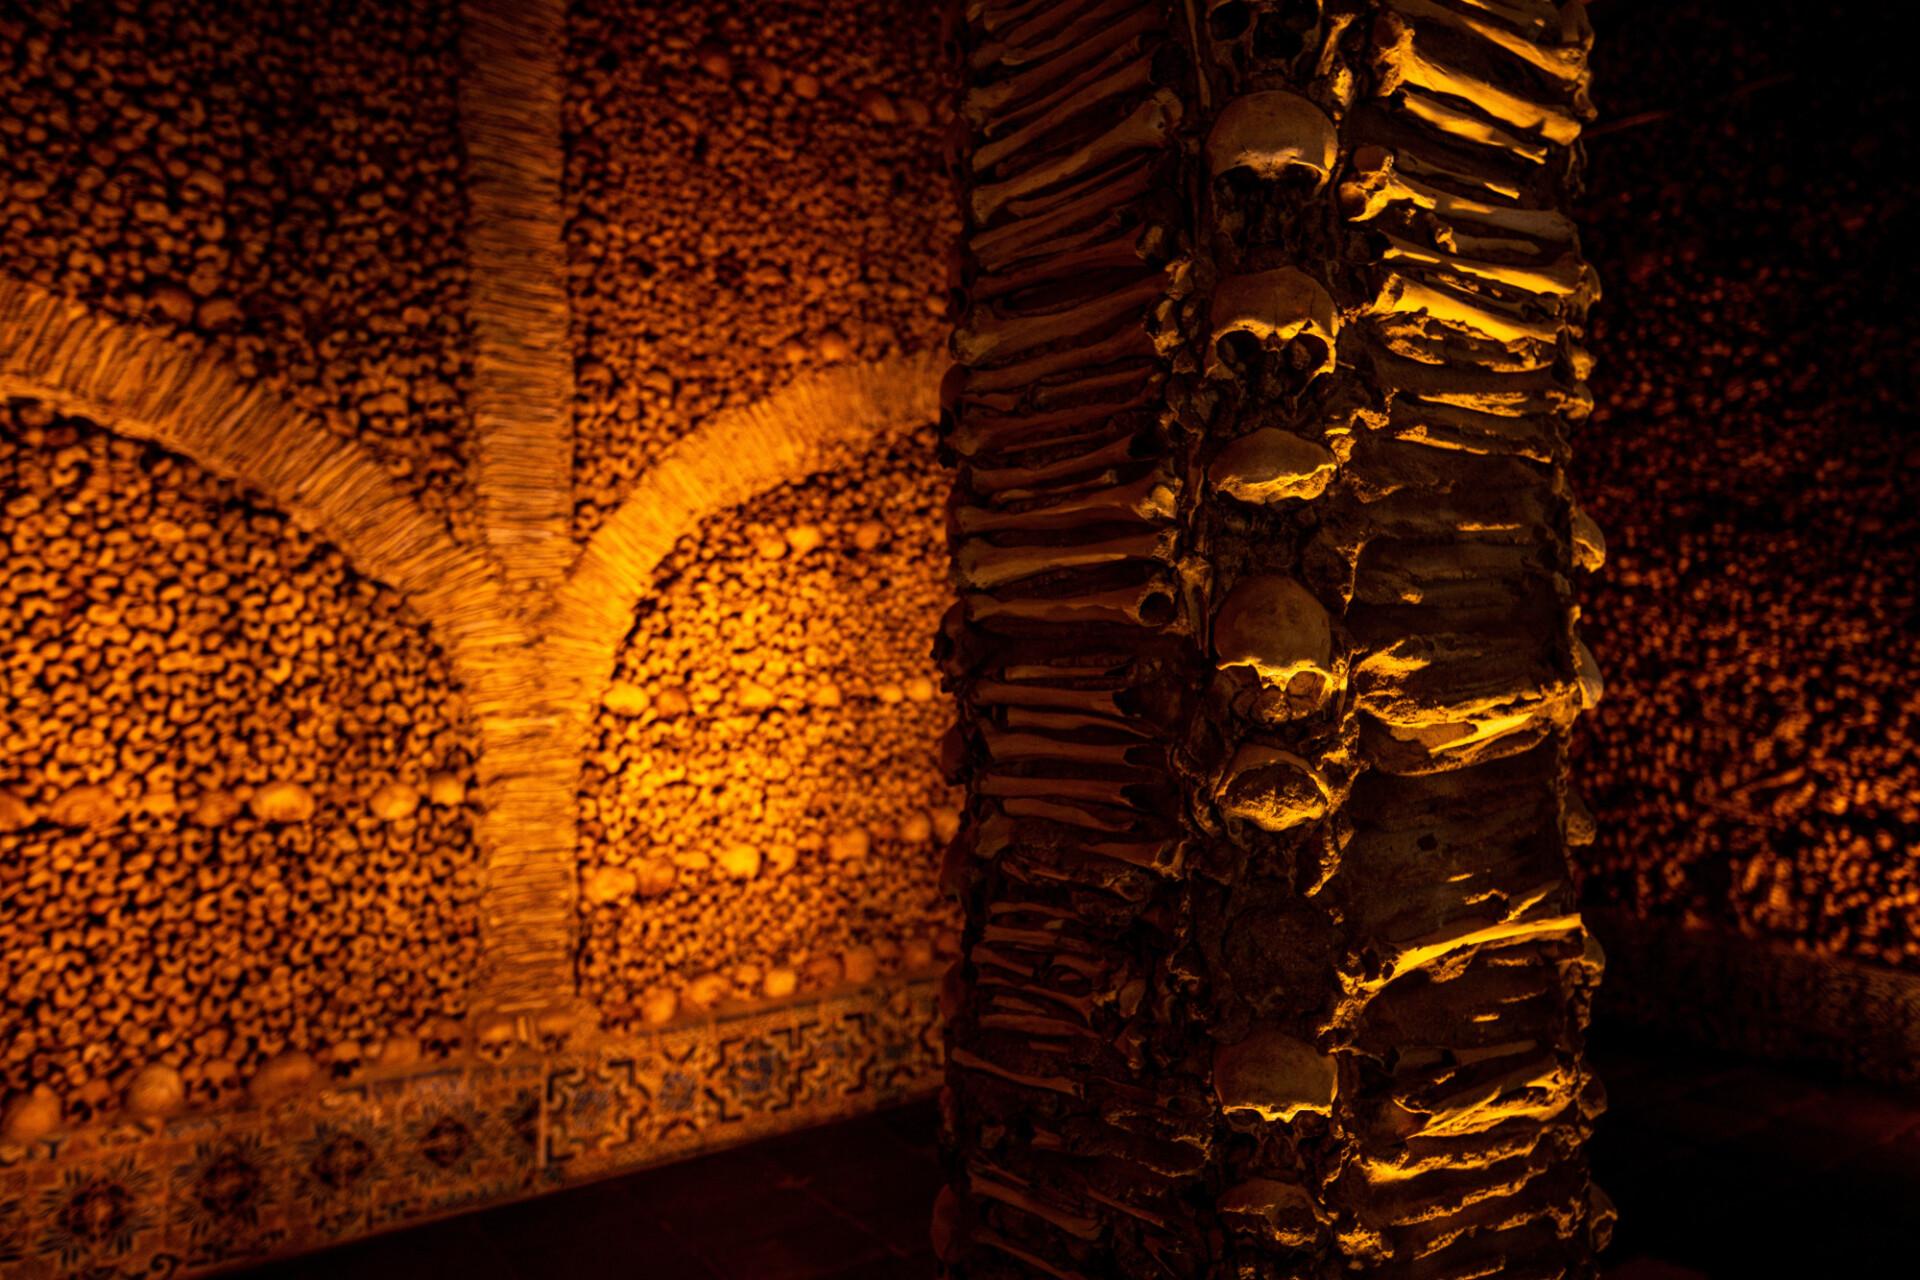 capella dos ossos portugal Chapel built from human bones